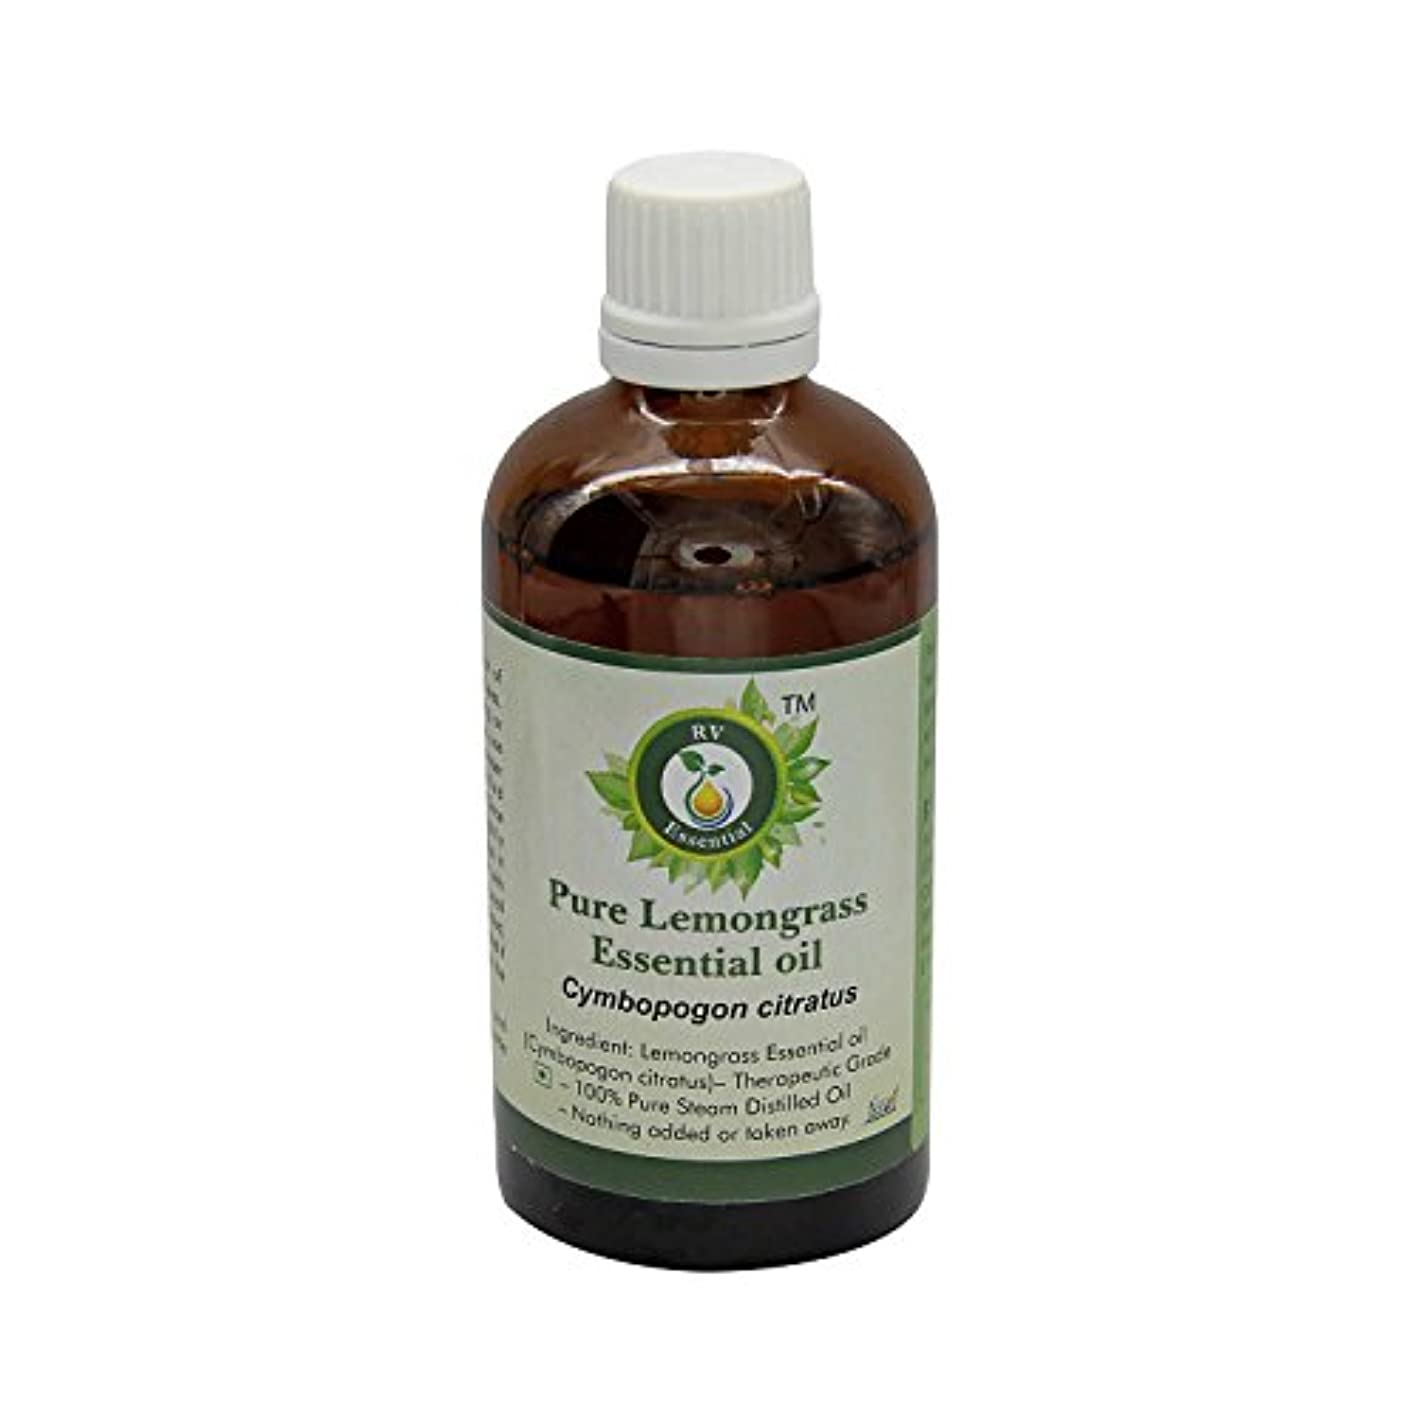 ペック彼自身全体にR V Essential ピュアレモングラスエッセンシャルオイル15ml (0.507oz)- Cymbopogon Citratus (100%純粋&天然スチームDistilled) Pure Lemongrass...